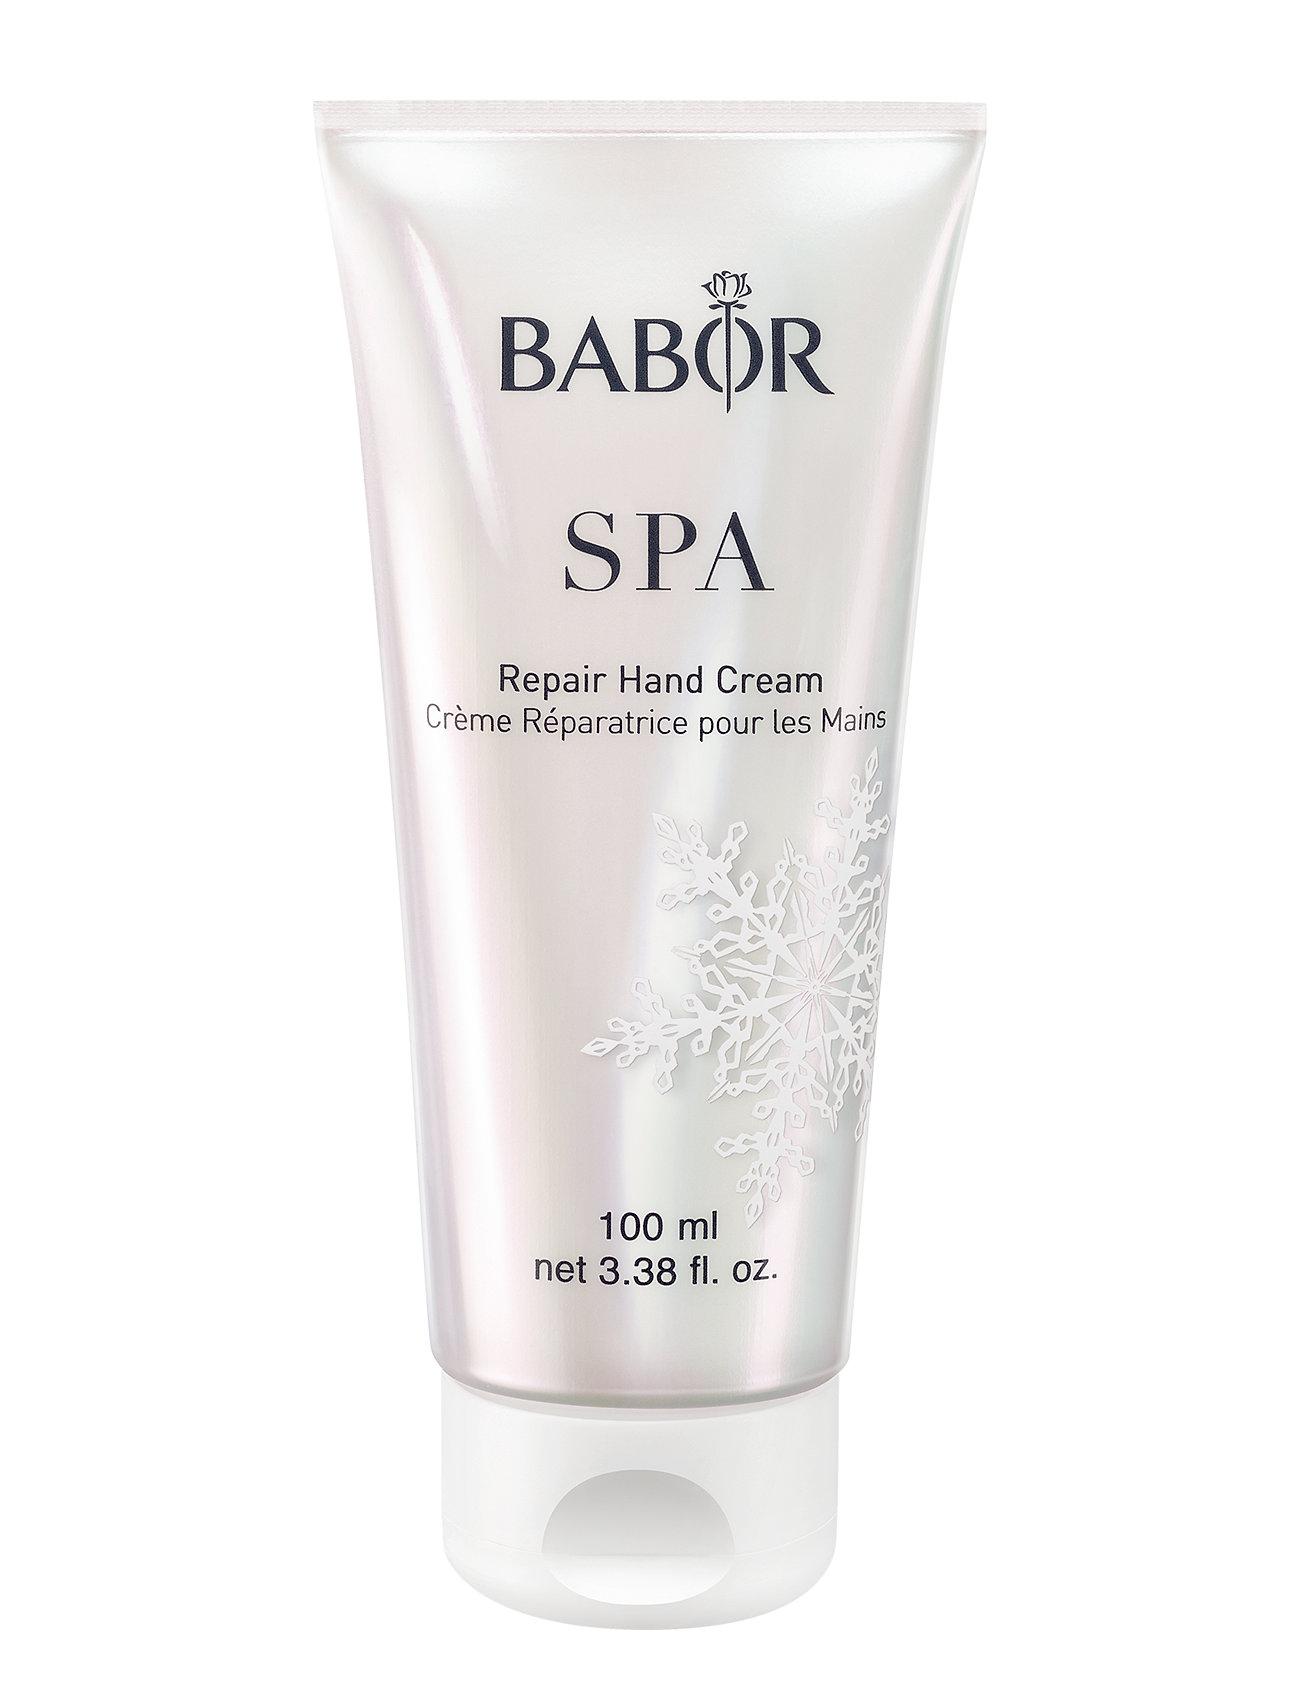 Image of Promo Repair Hand Cream Beauty WOMEN Skin Care Body Hand Cream & Foot Cream Babor (3266177201)